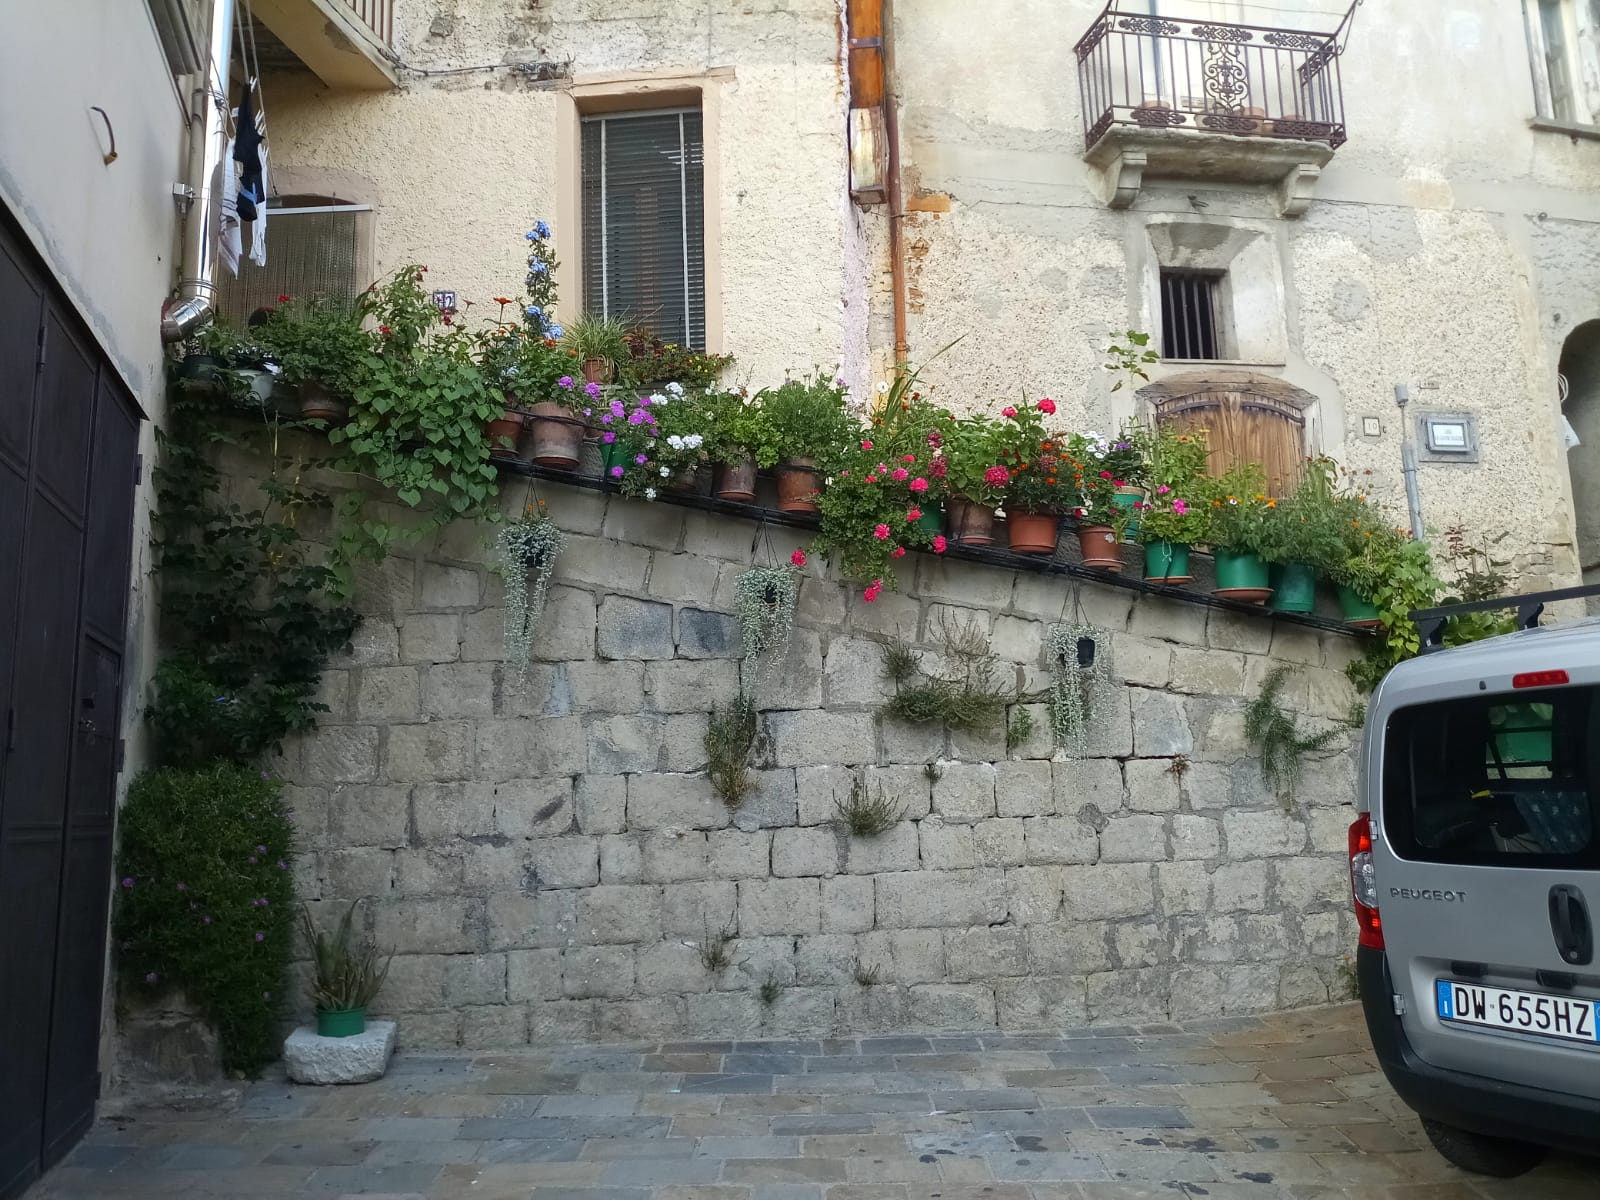 84b3ebb1-6c72-4cdd-9fe3-85483c86c6bf Le Dolomiti Lucane, il cuore della Basilicata.